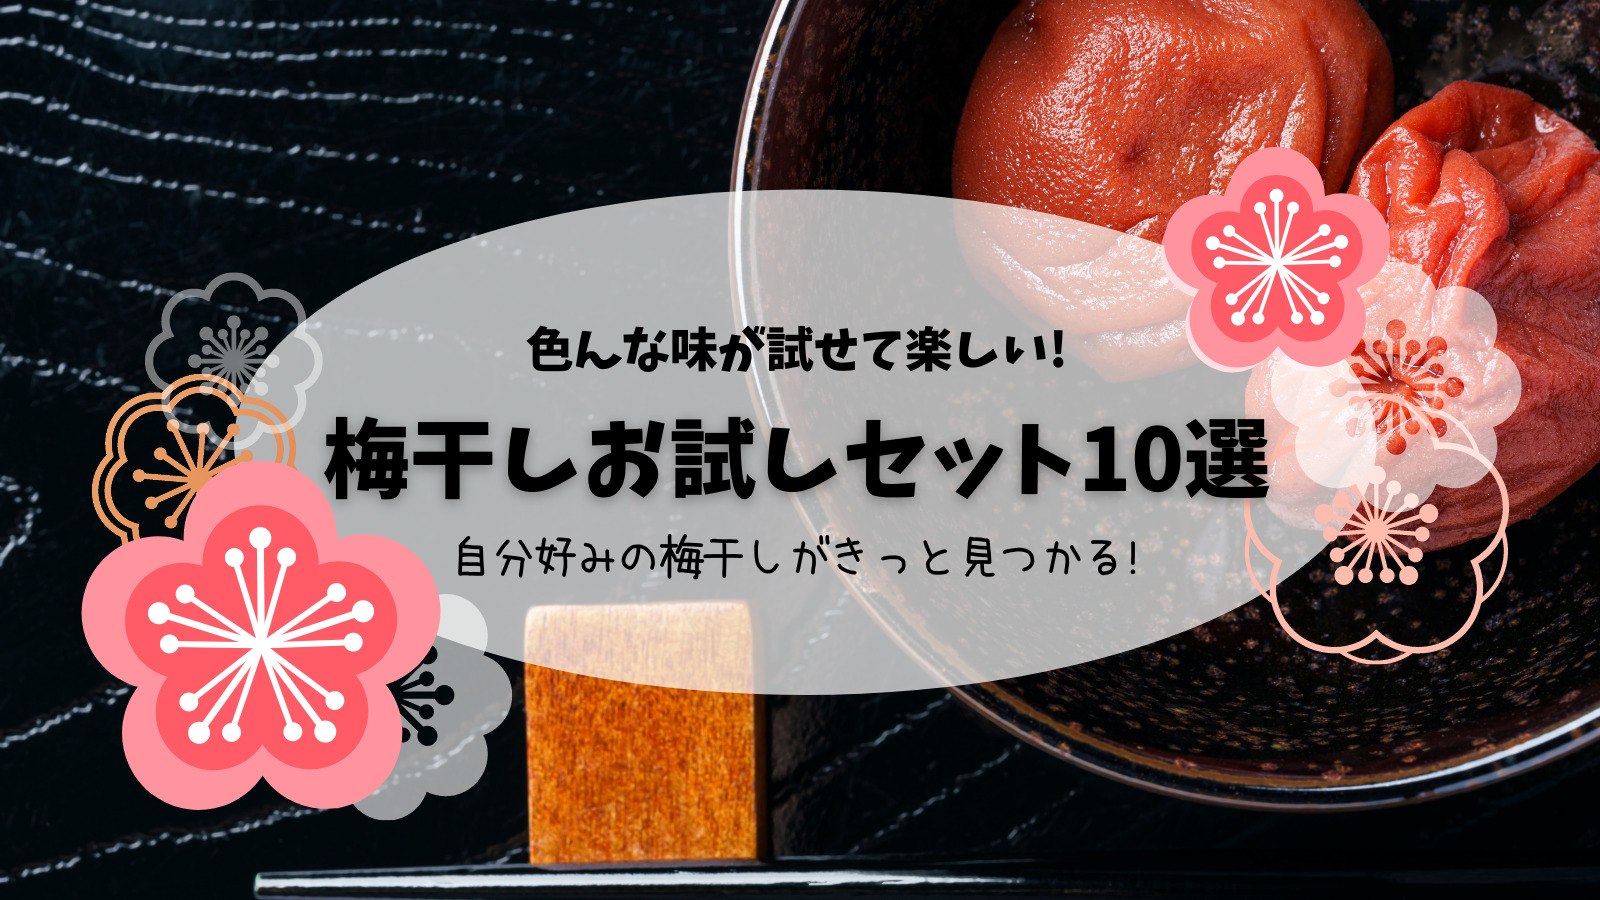 【いろんな味が試せて楽しい!】おすすめの梅干しお試しセット10選